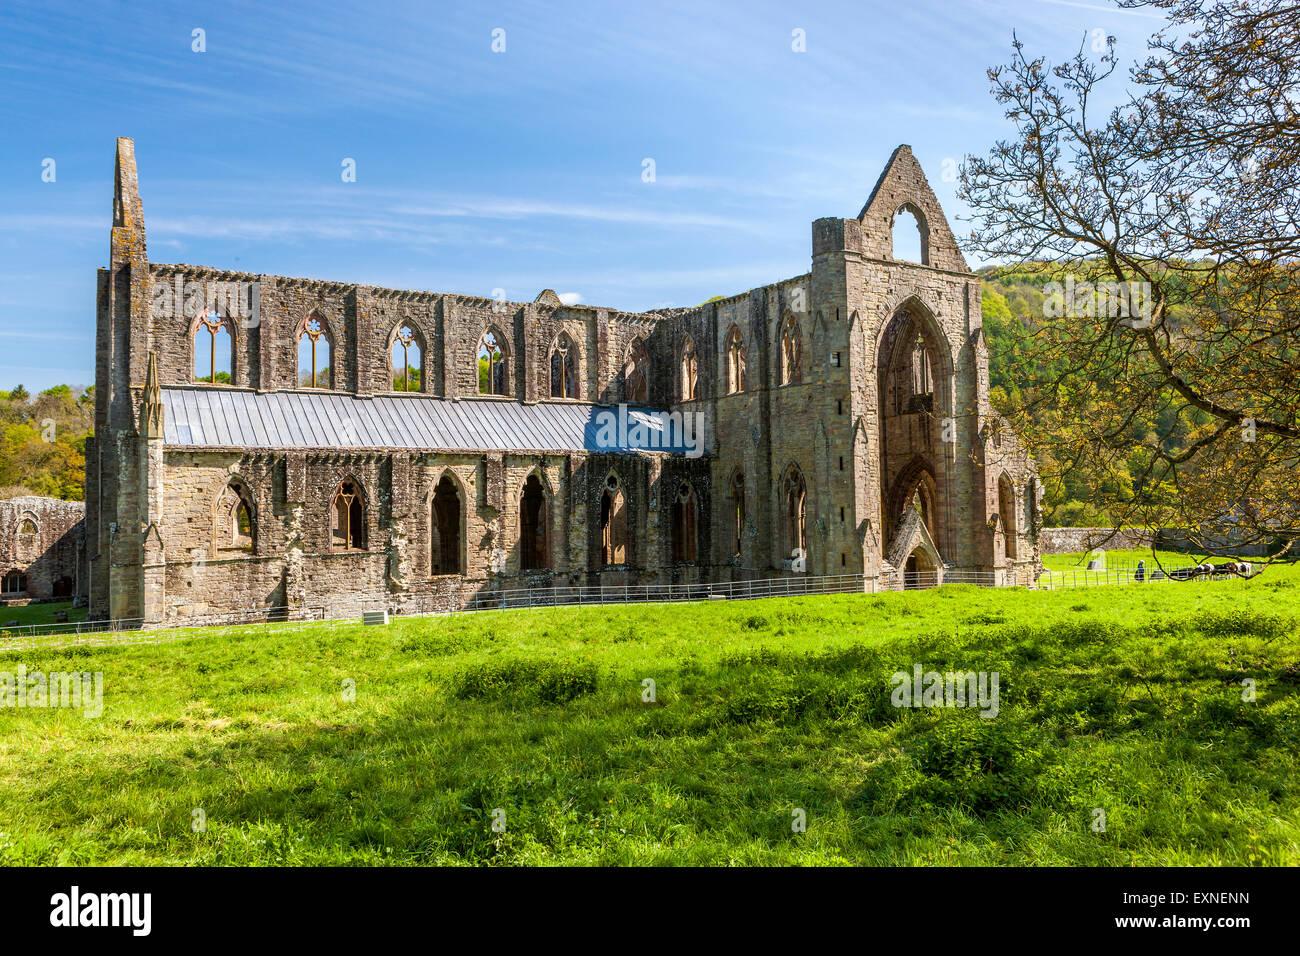 Les ruines de l'abbaye de Tintern un monastère cistercien médiéval, Monmouthshire, Pays de Galles, Photo Stock